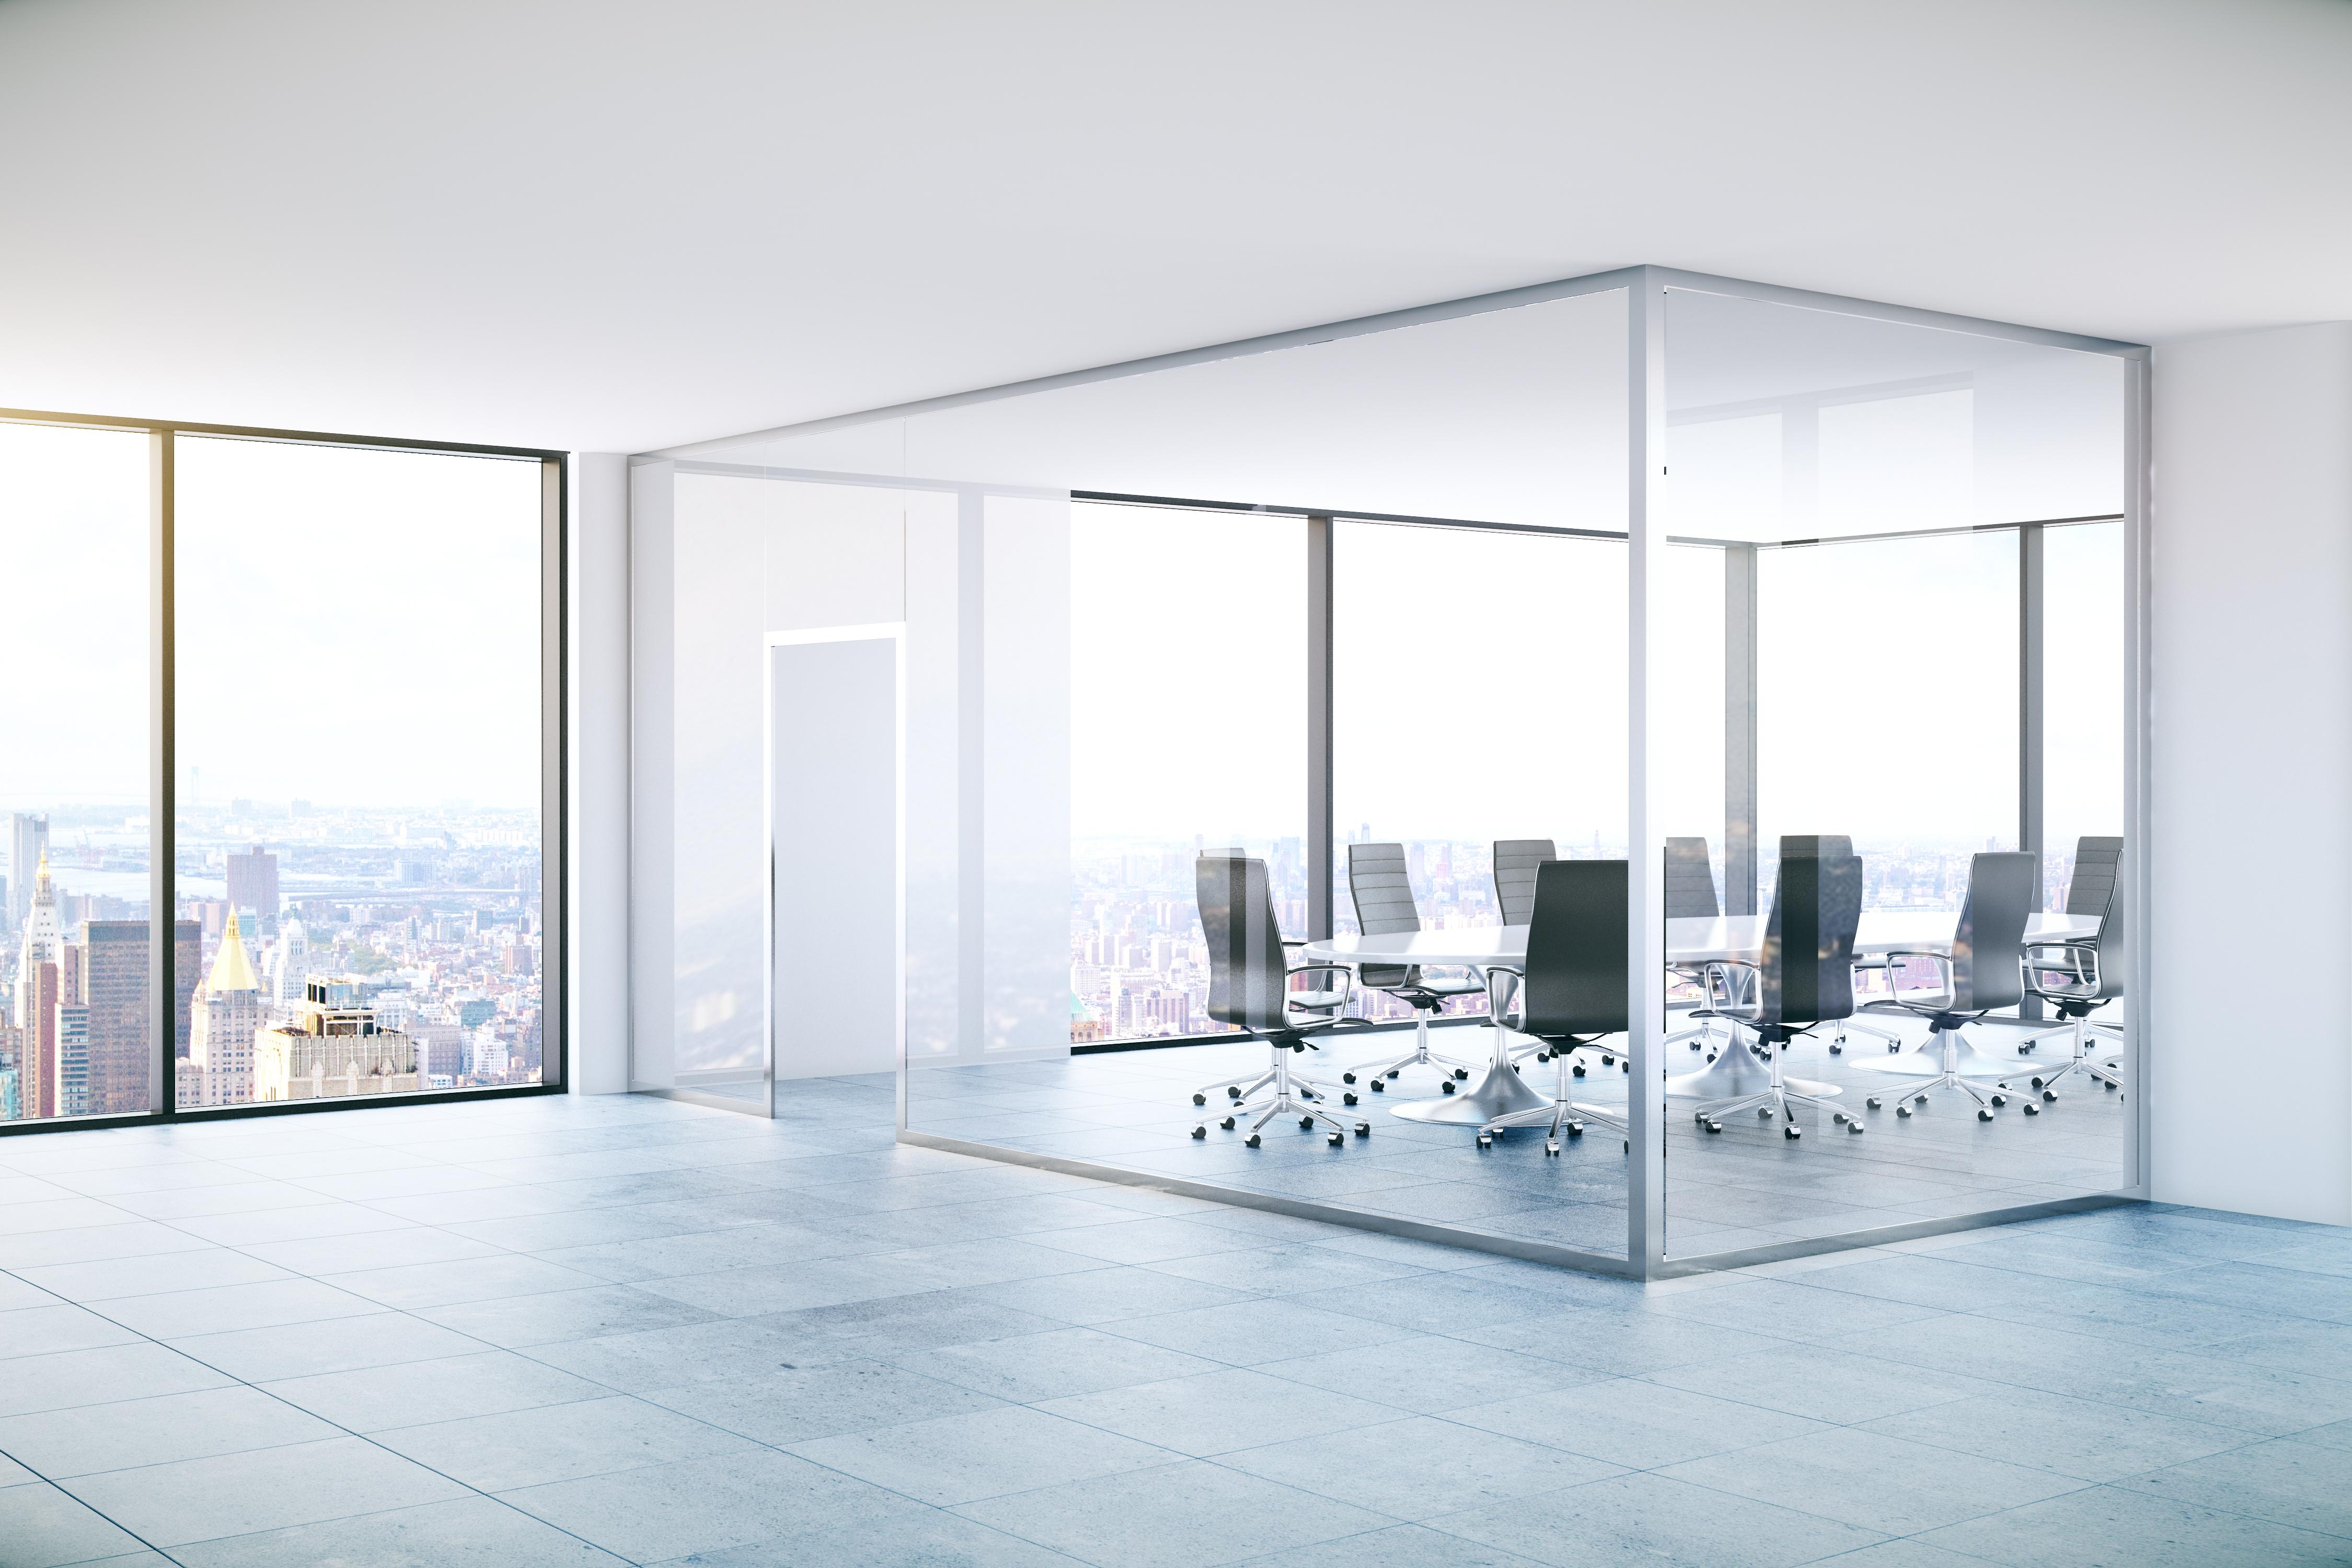 """משרד שמשווקת MSN נדל""""ן. """"אין עוד משרדים חדשים במחיר כזה"""""""